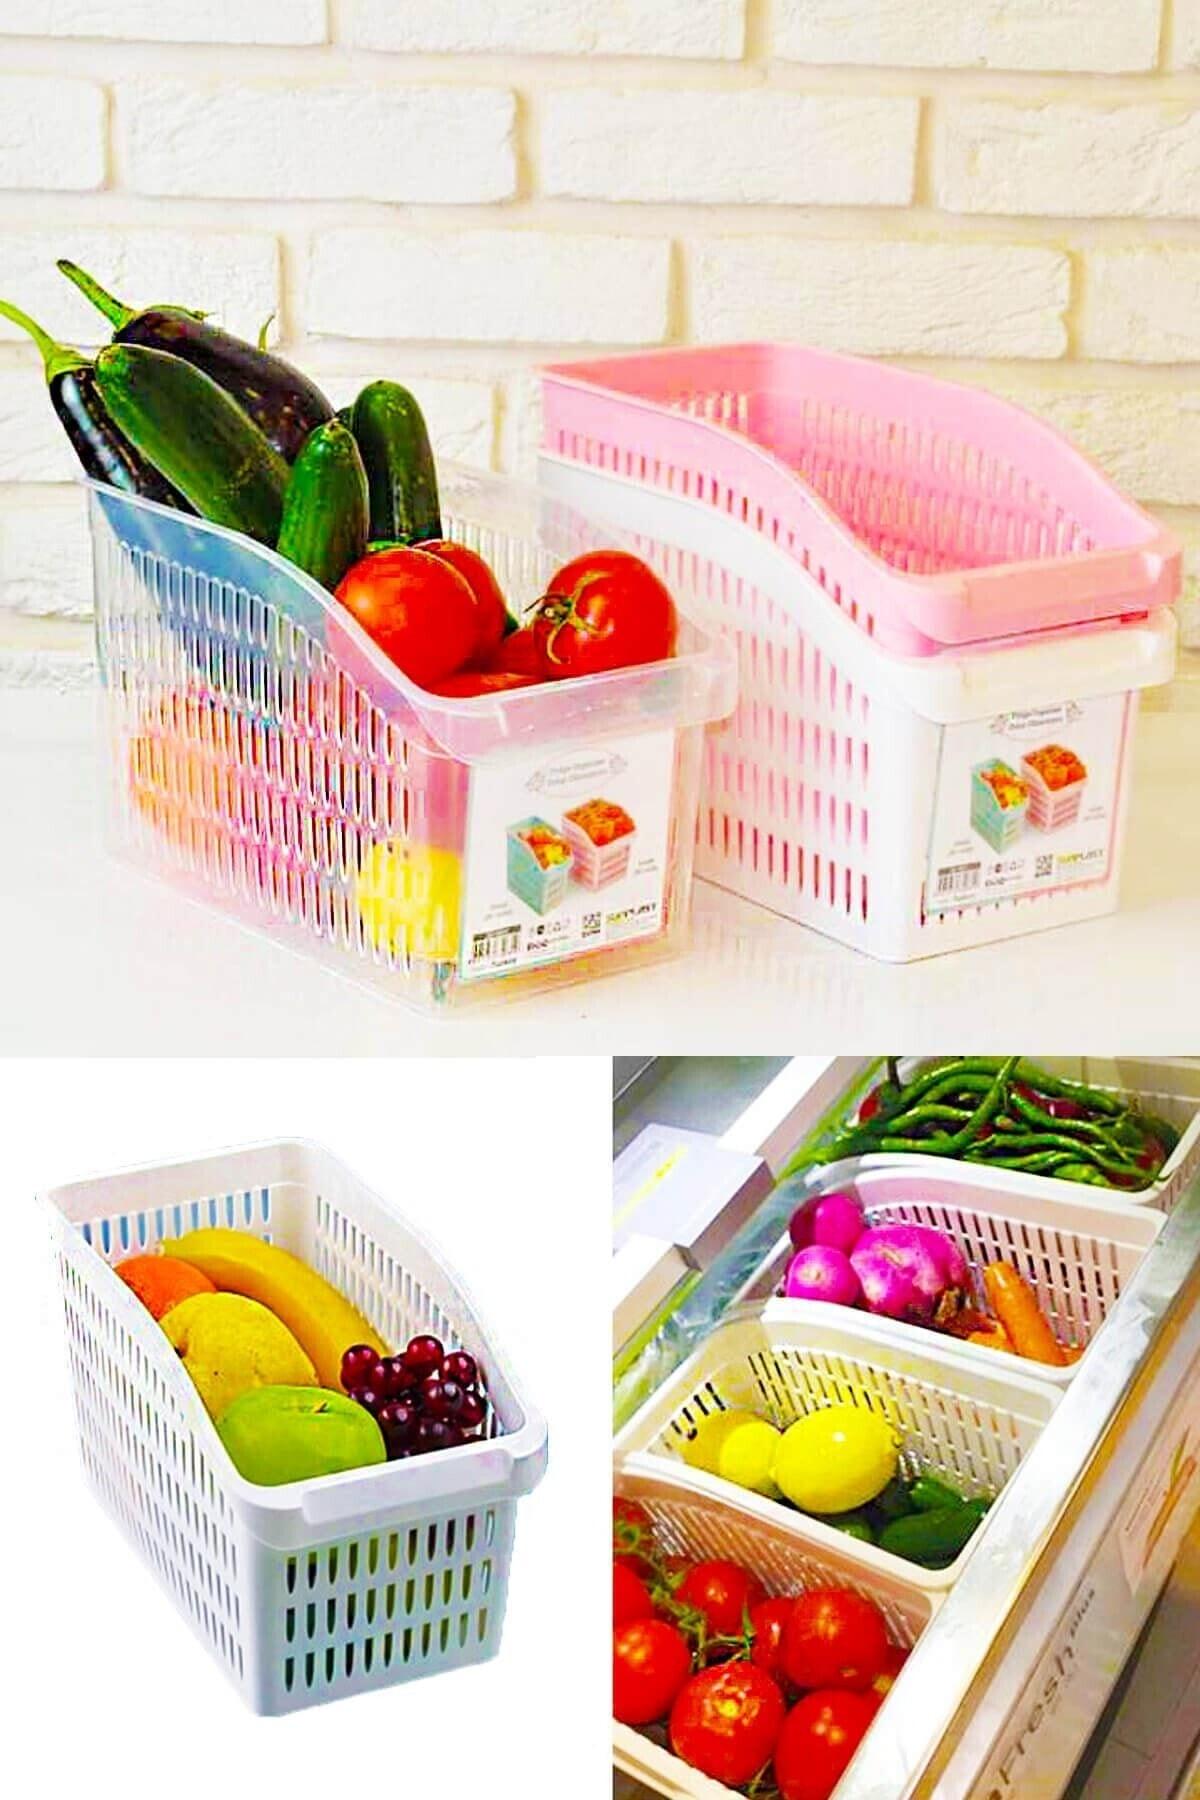 Meleni Home 4'lü Buzdolabı Içi Sebze Meyve Düzenleyici Organizer 1